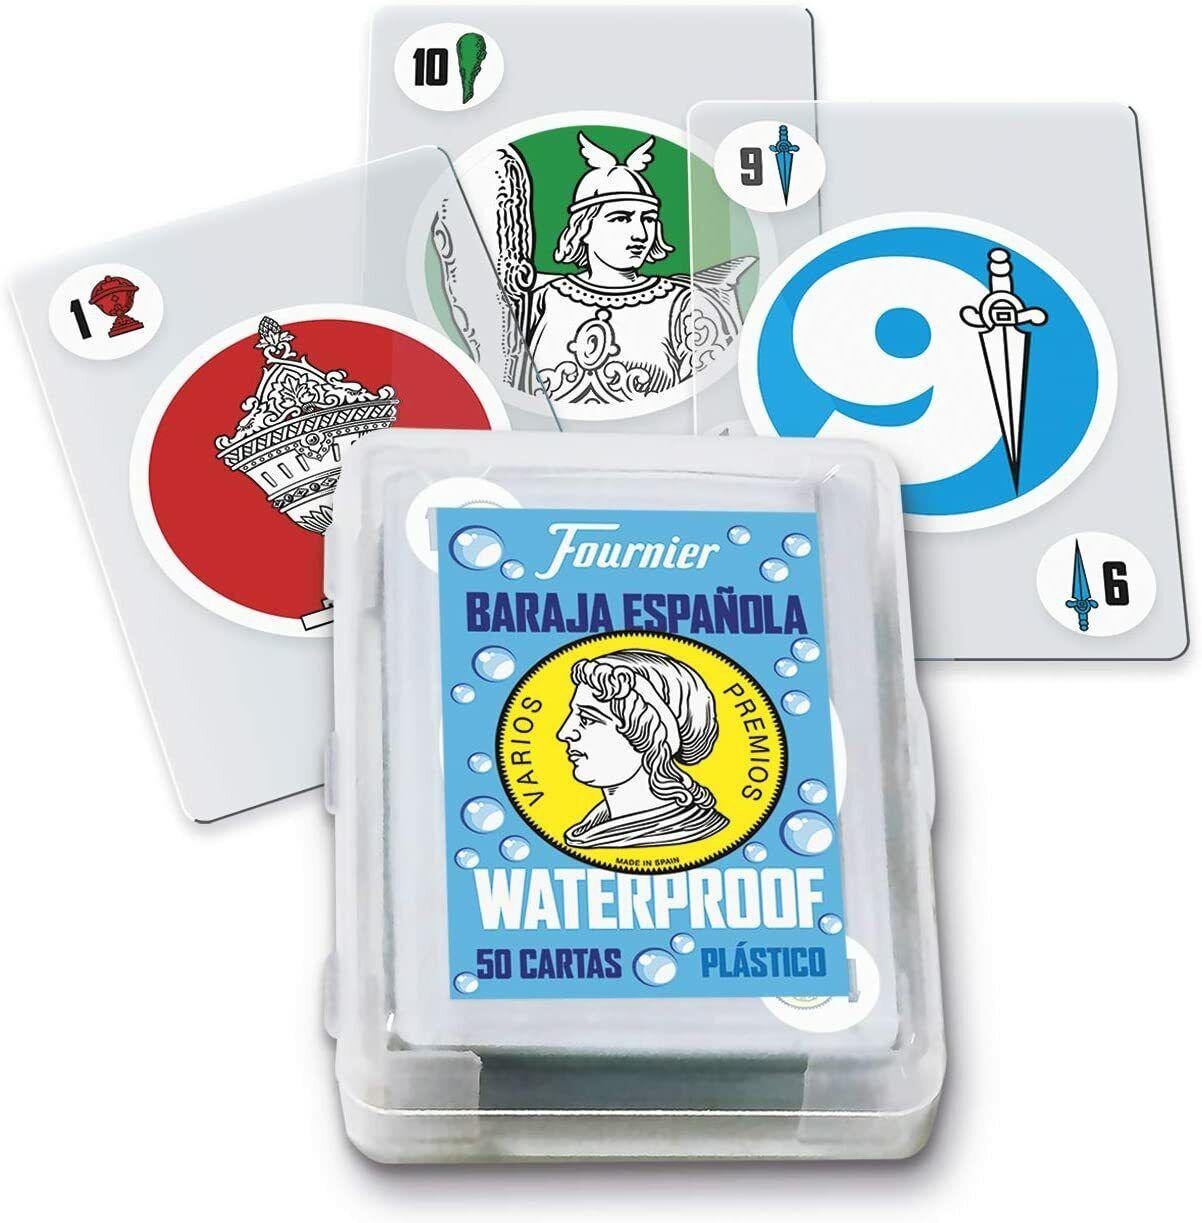 Fournier- Baraja Española de Cartas Waterproof de Plástico para Piscina y Playa